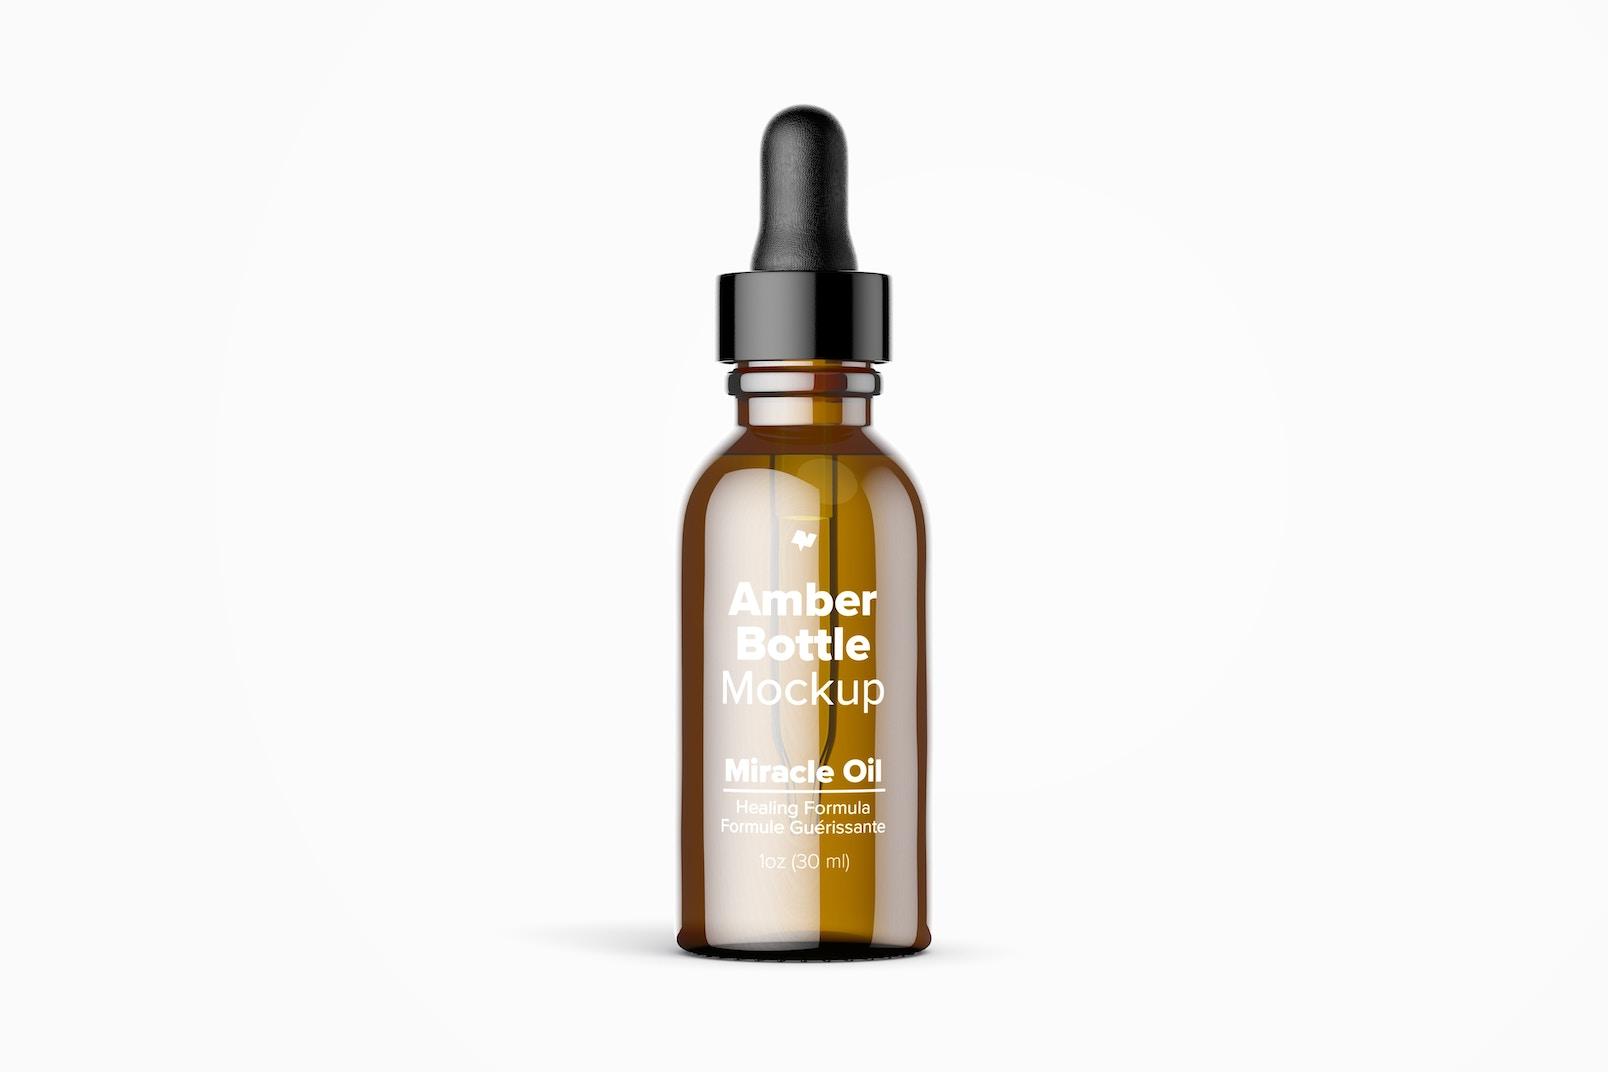 1 oz Amber Bottle Mockup